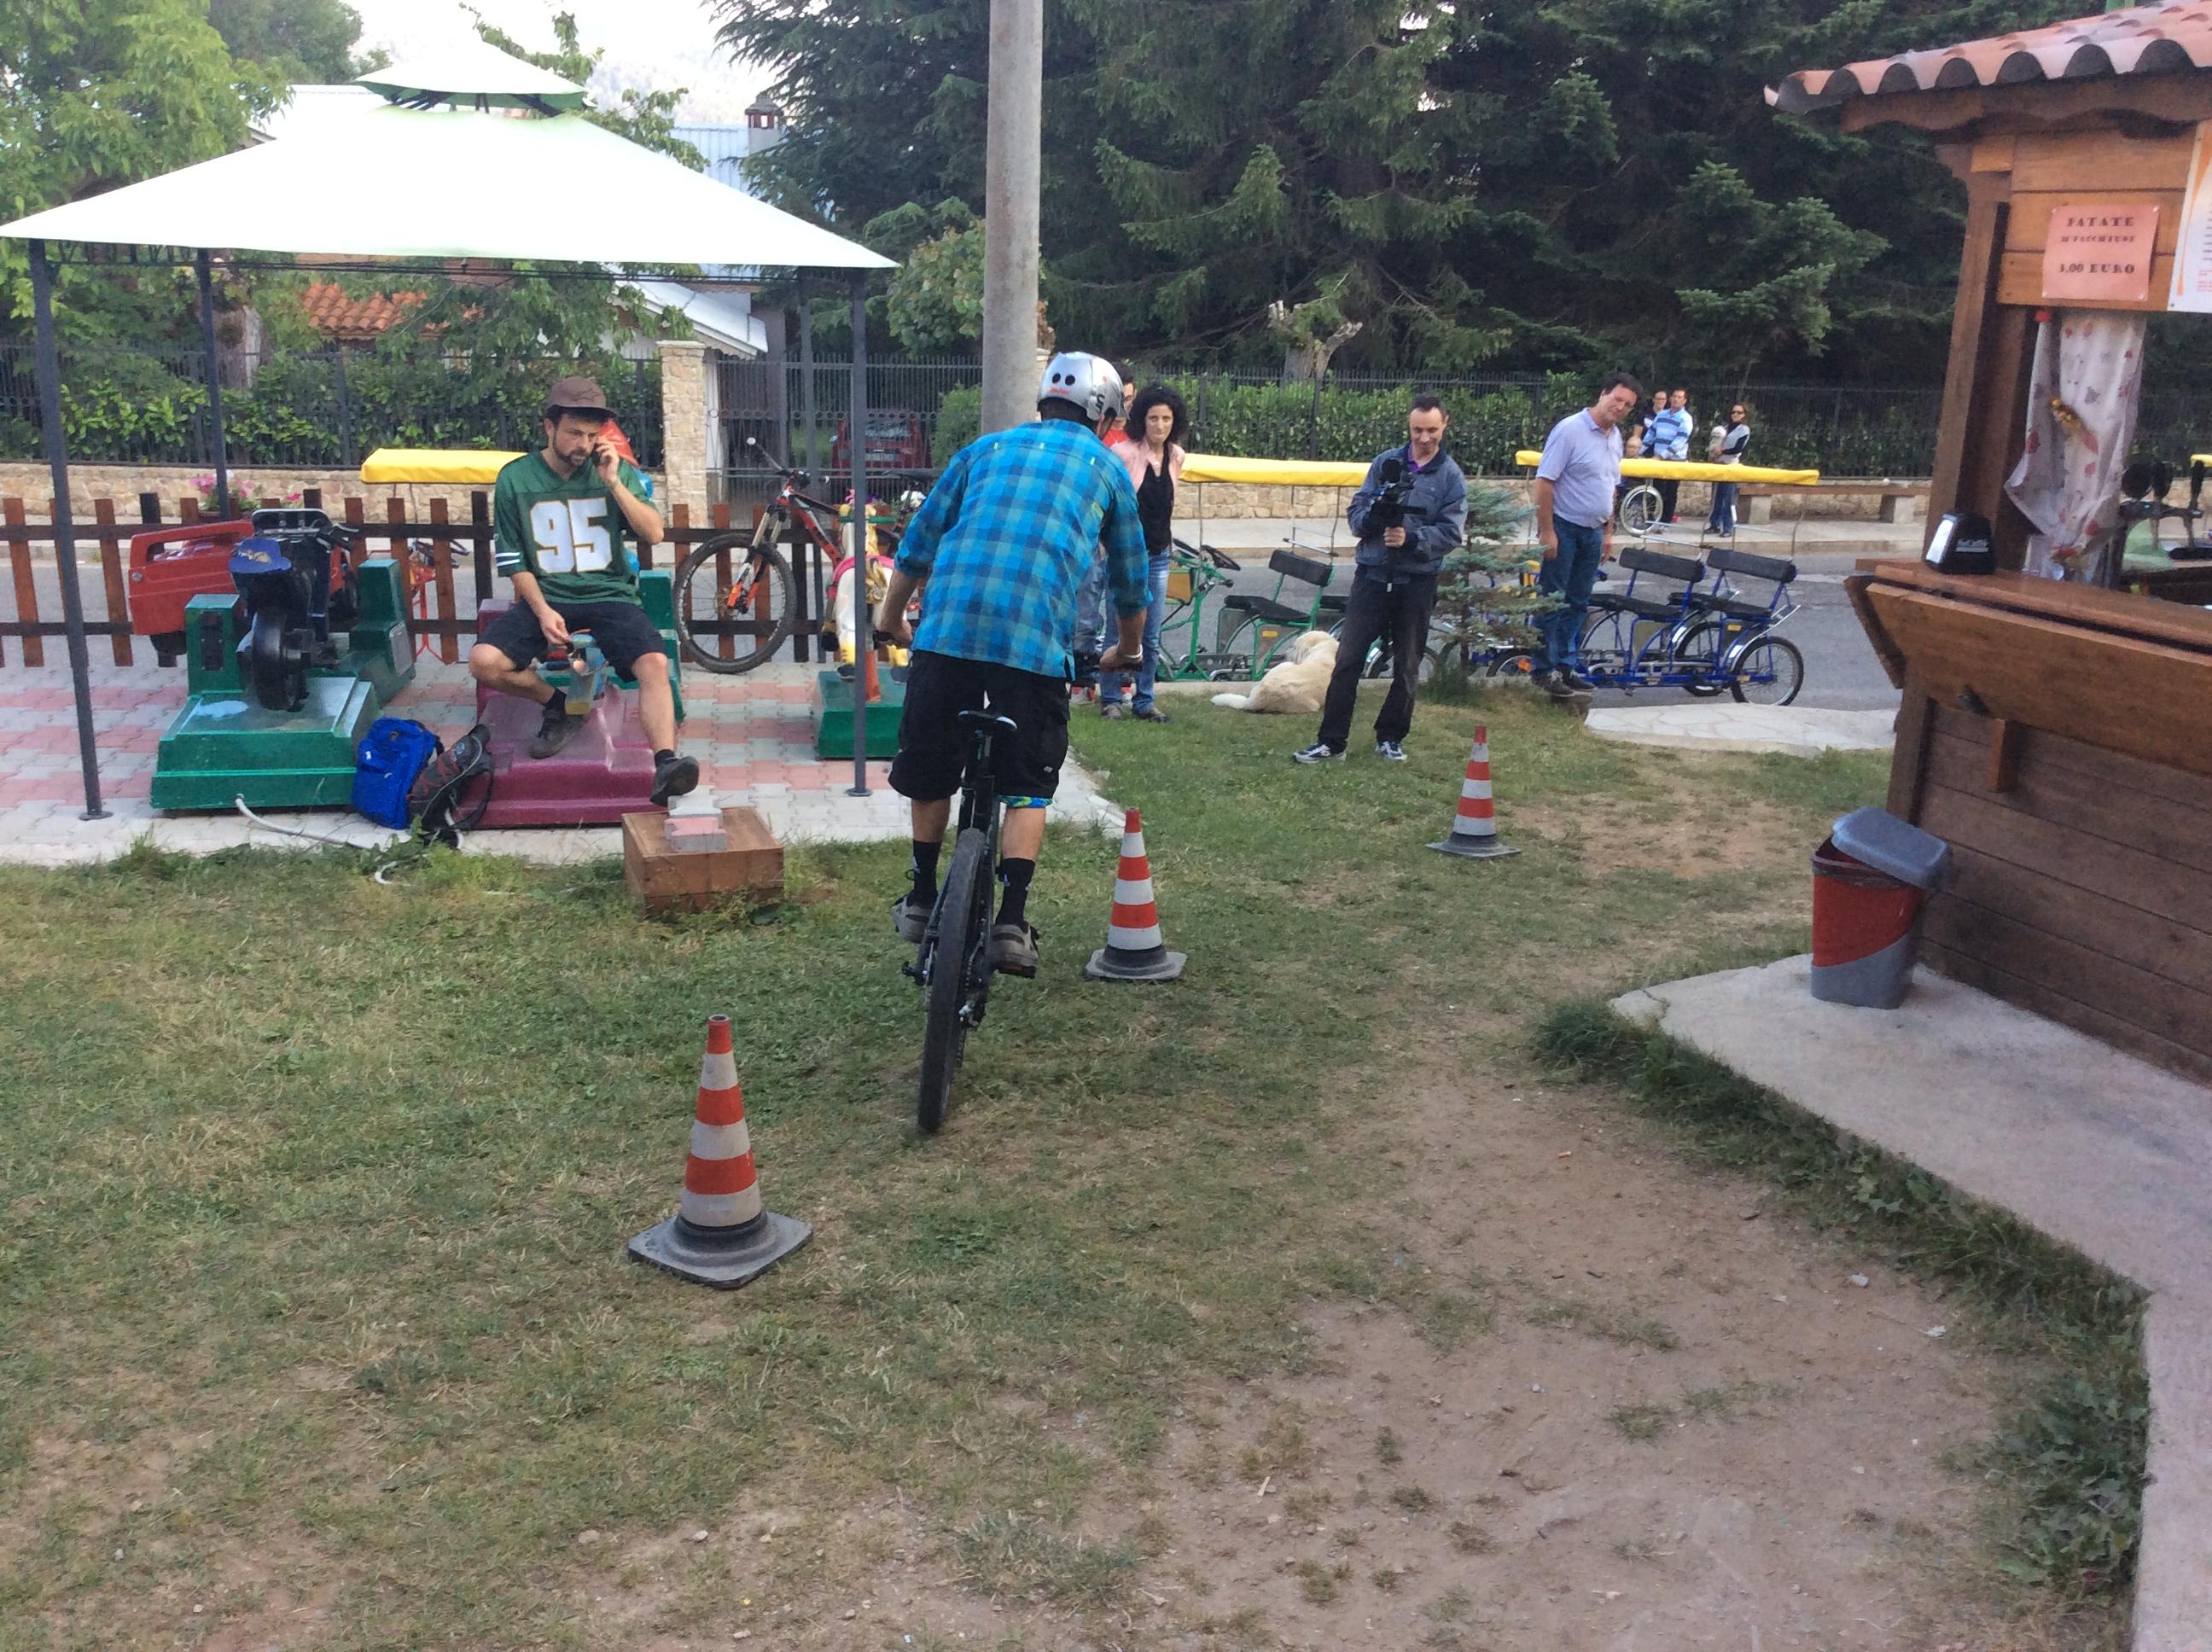 Bike Park Chiosco Rosso